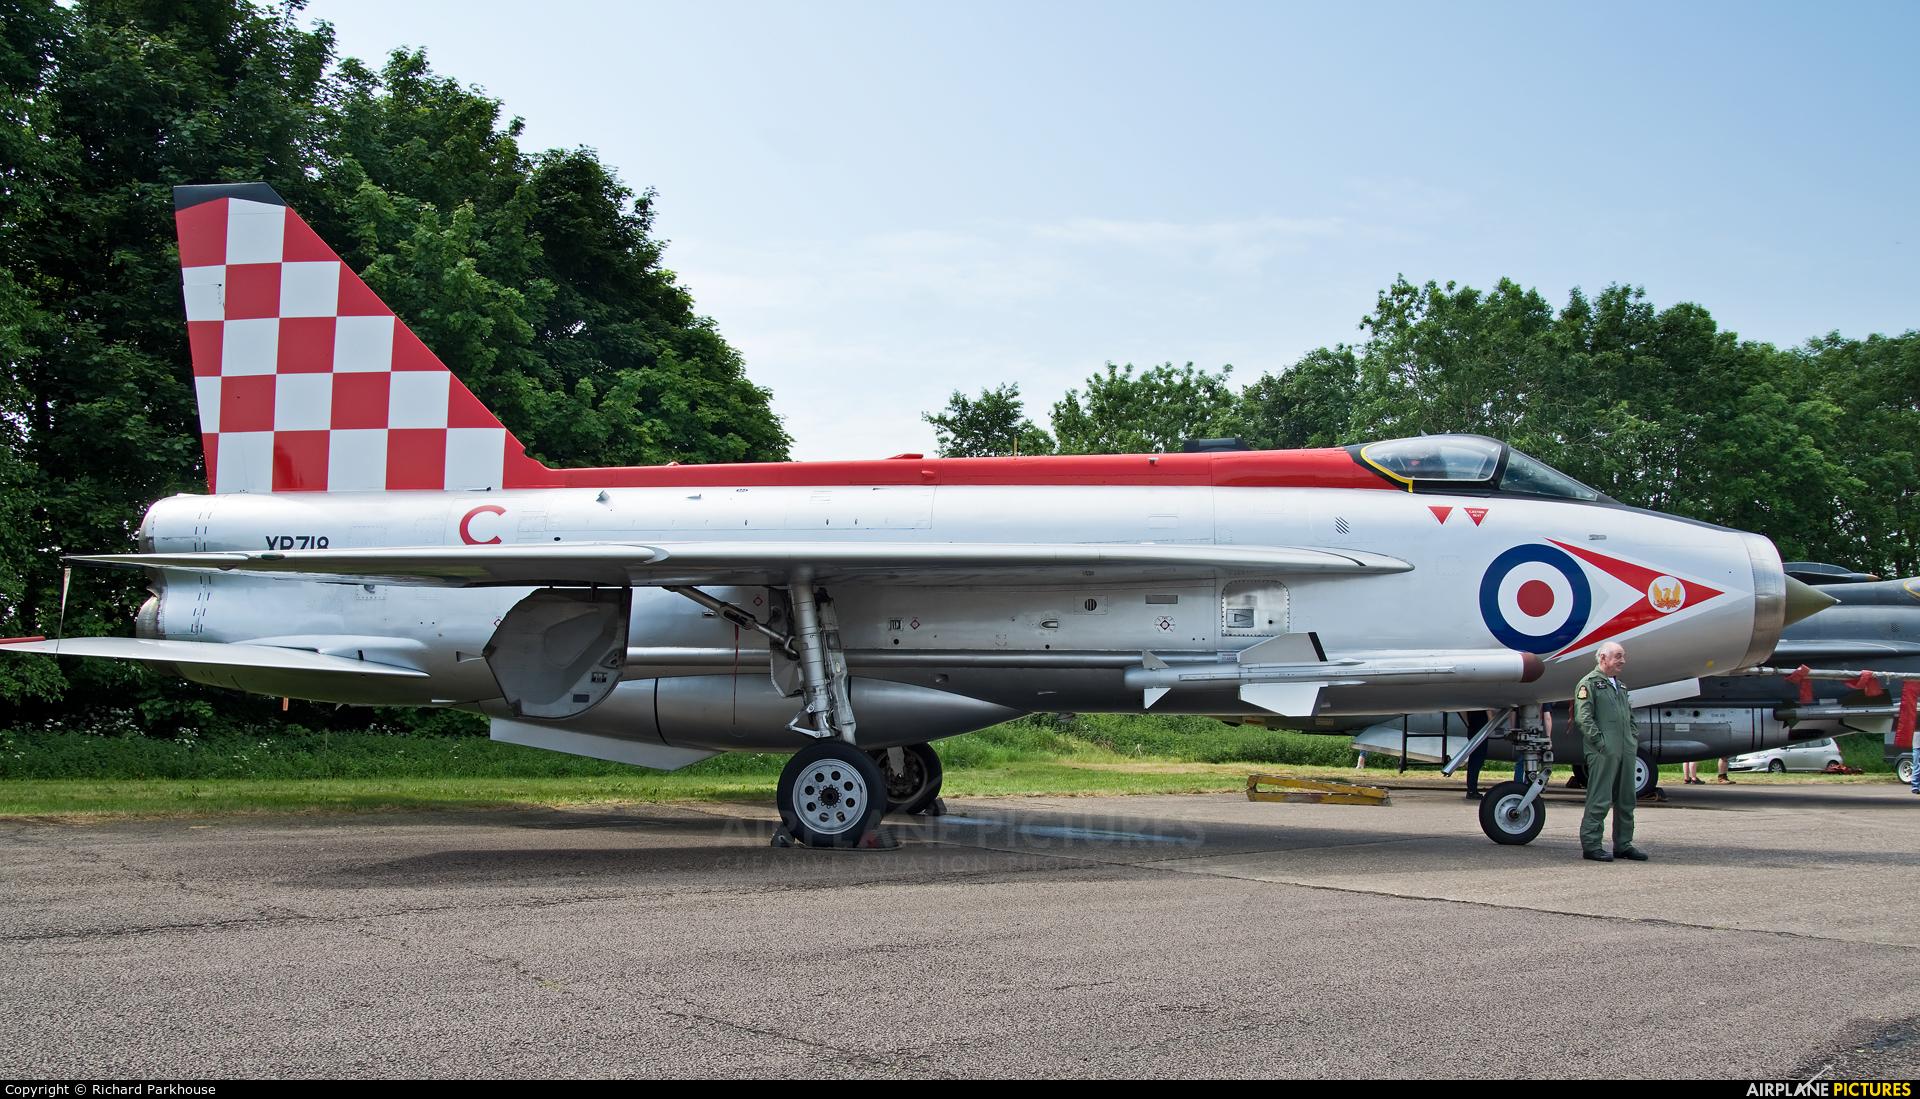 Royal Air Force XR713 aircraft at Bruntingthorpe